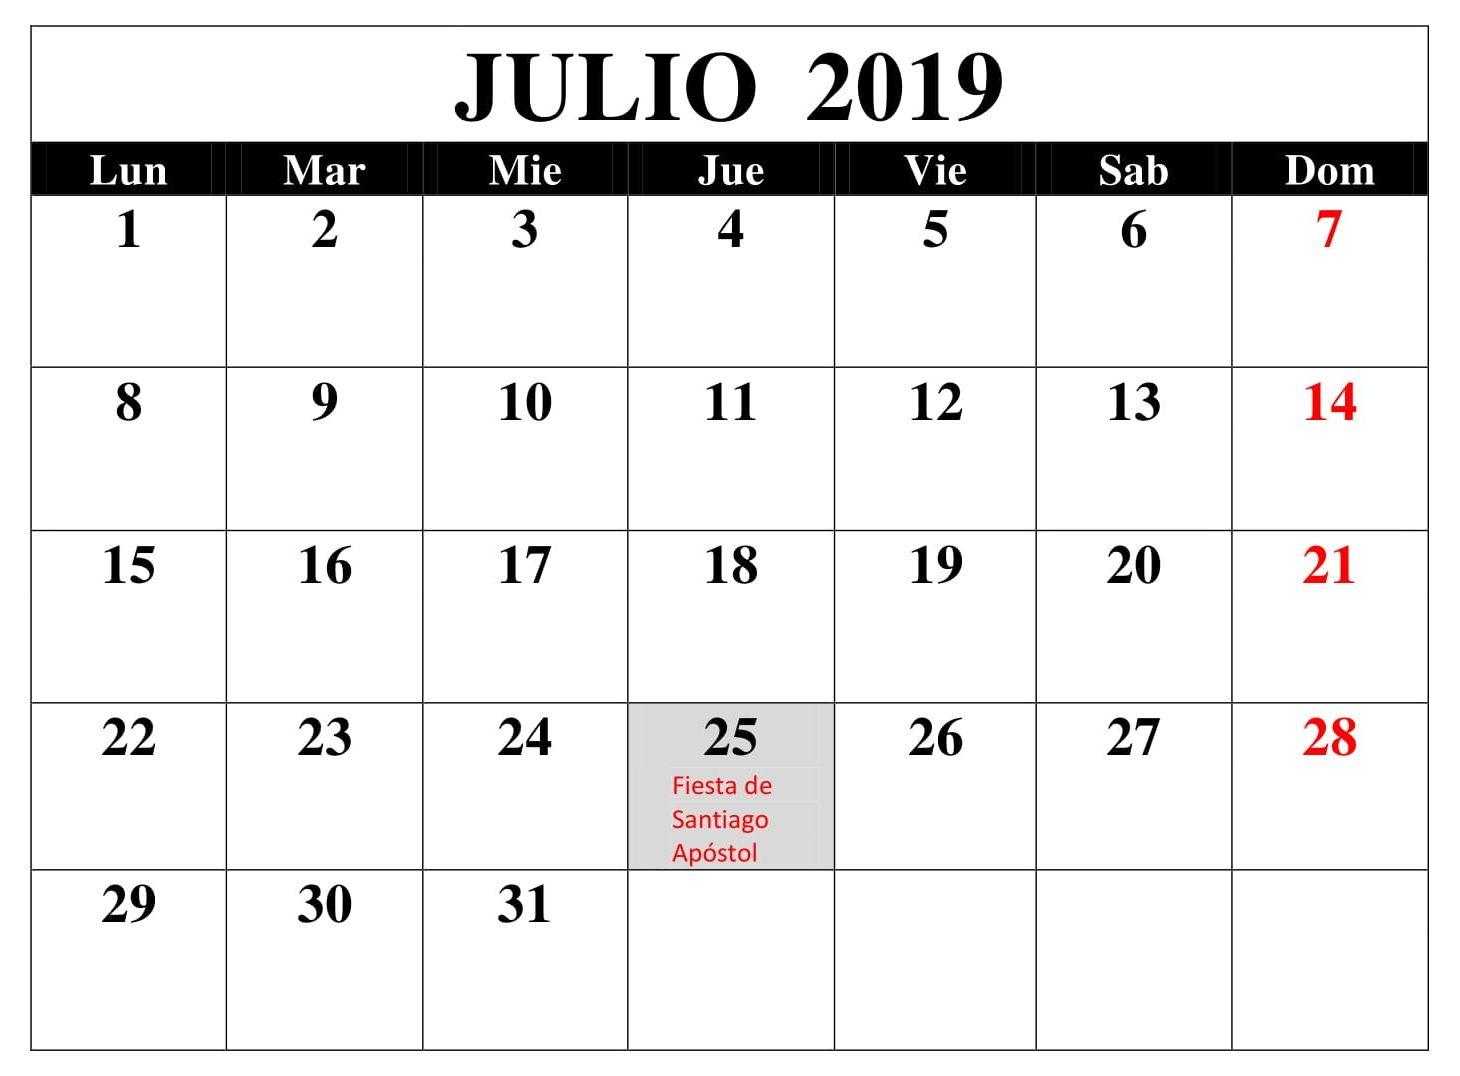 Calendario Mes De Julio.Top 10 Punto Medio Noticias Calendario Mes Julio 2019 Con Festivos